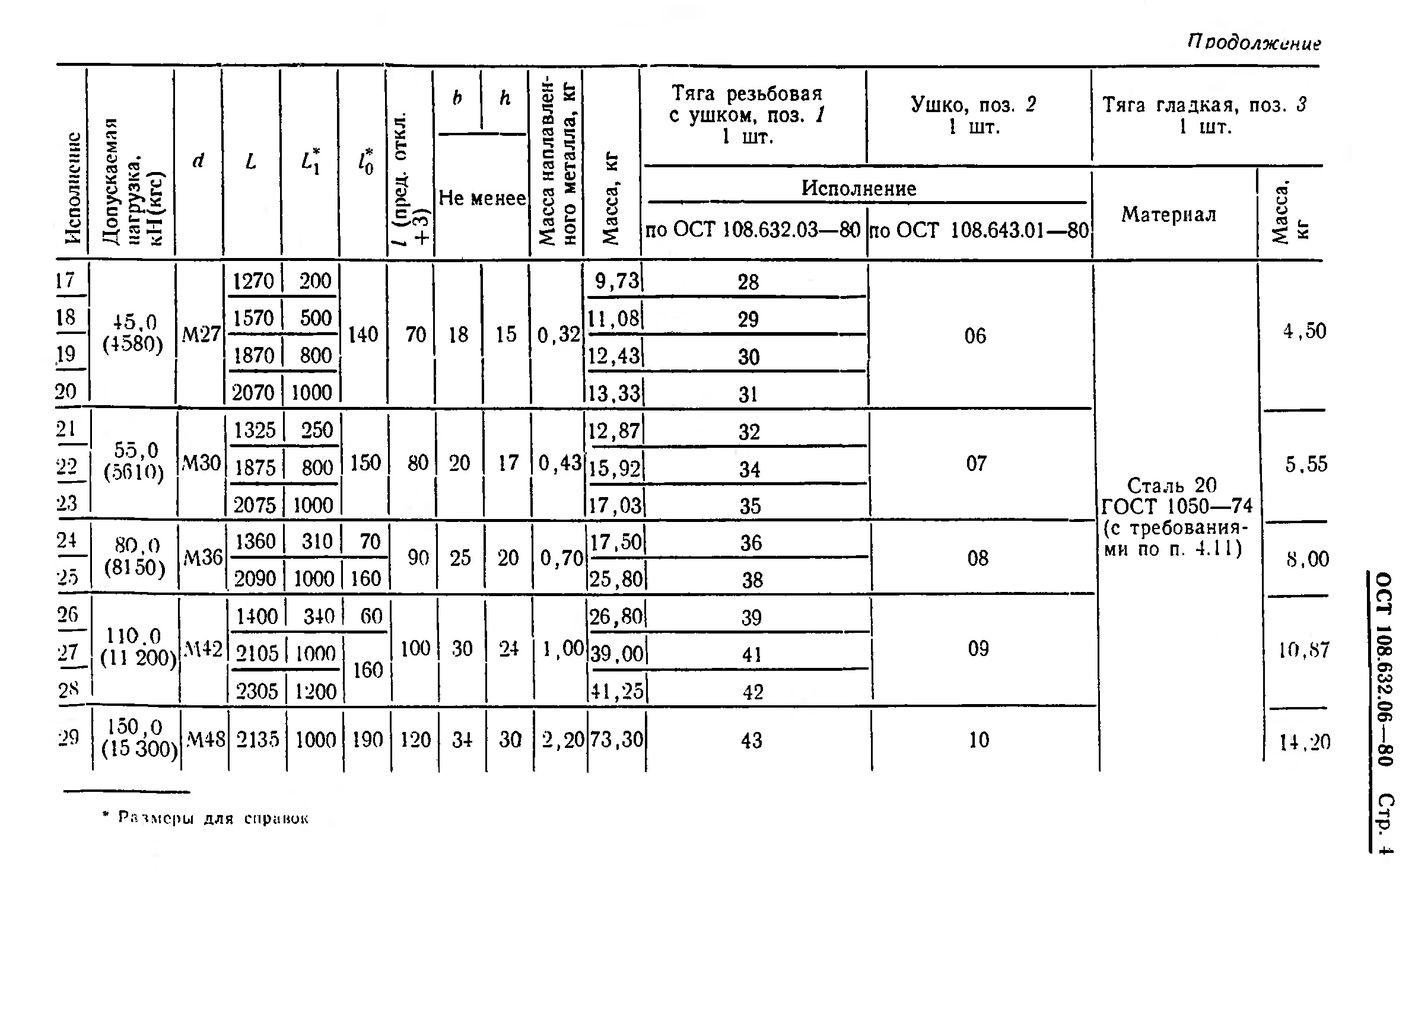 Тяги шарнирные резьбовые ОСТ 108.632.06-80 стр.4